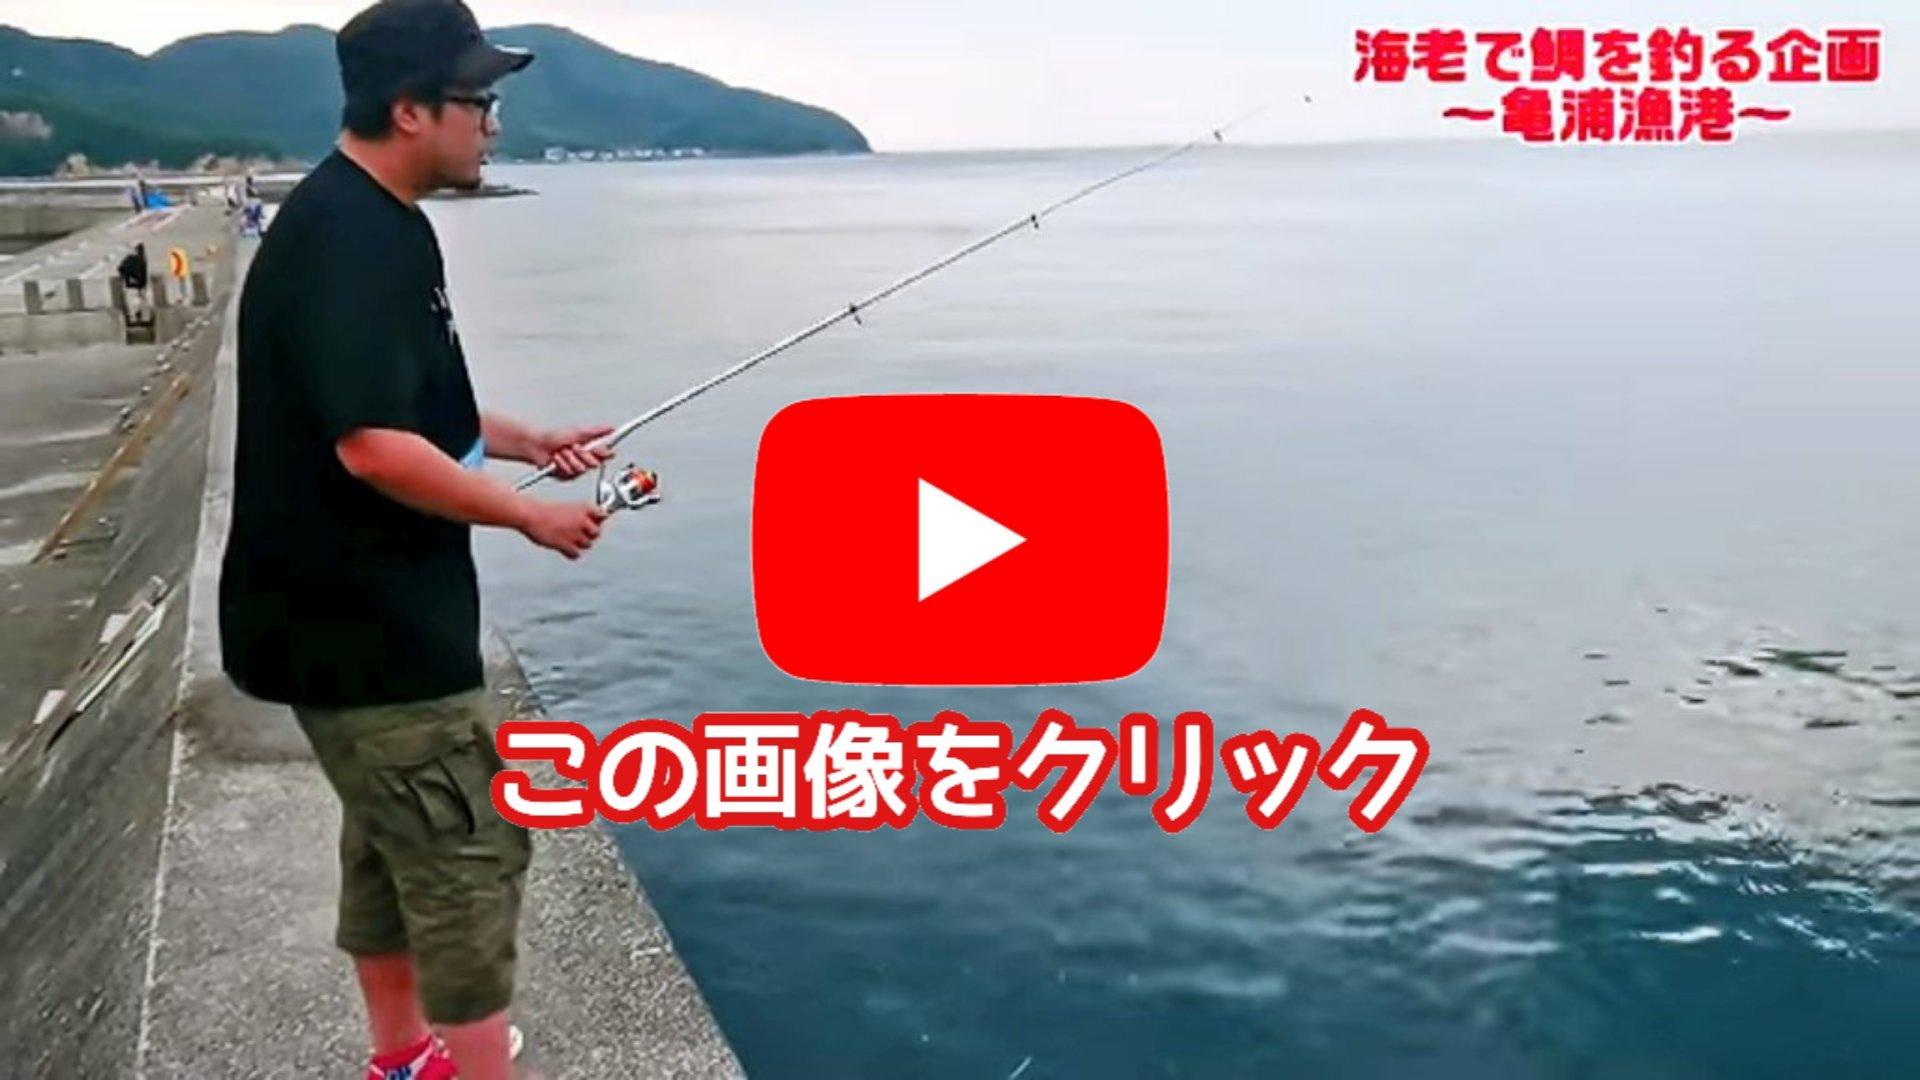 【亀浦観光港】鳴門の絶景を楽しむ